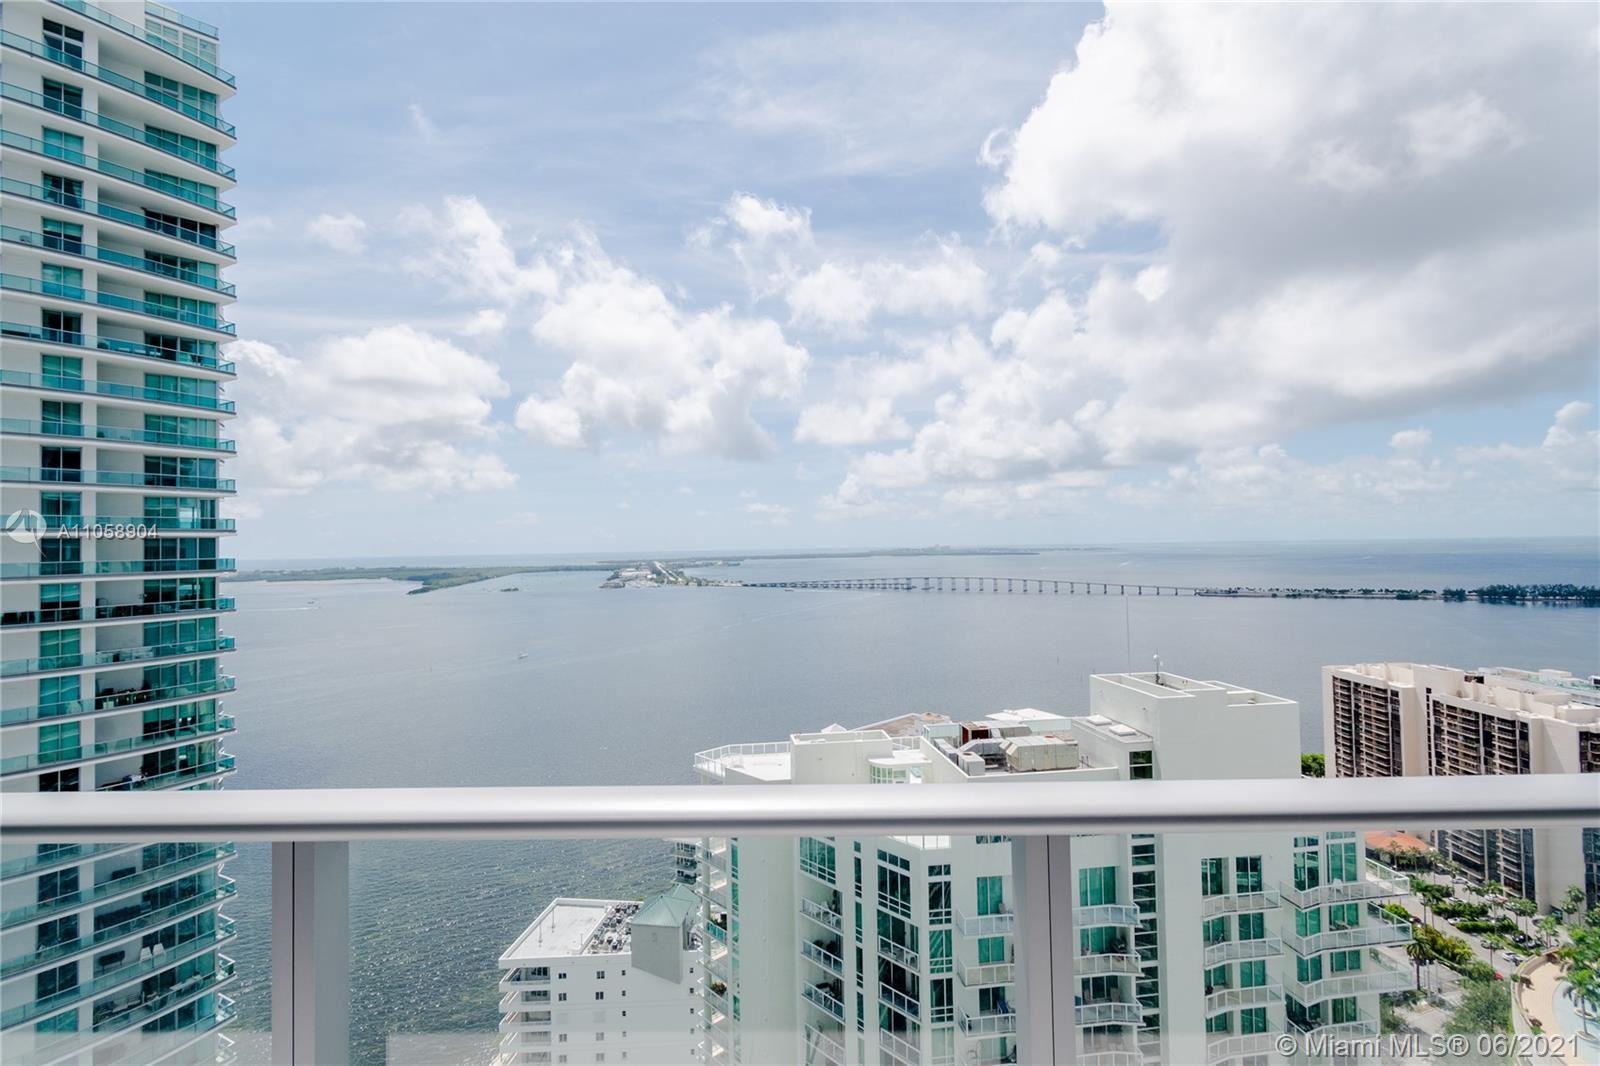 1300 Brickell Bay Dr #3503, Miami, FL 33131 - #: A11058904